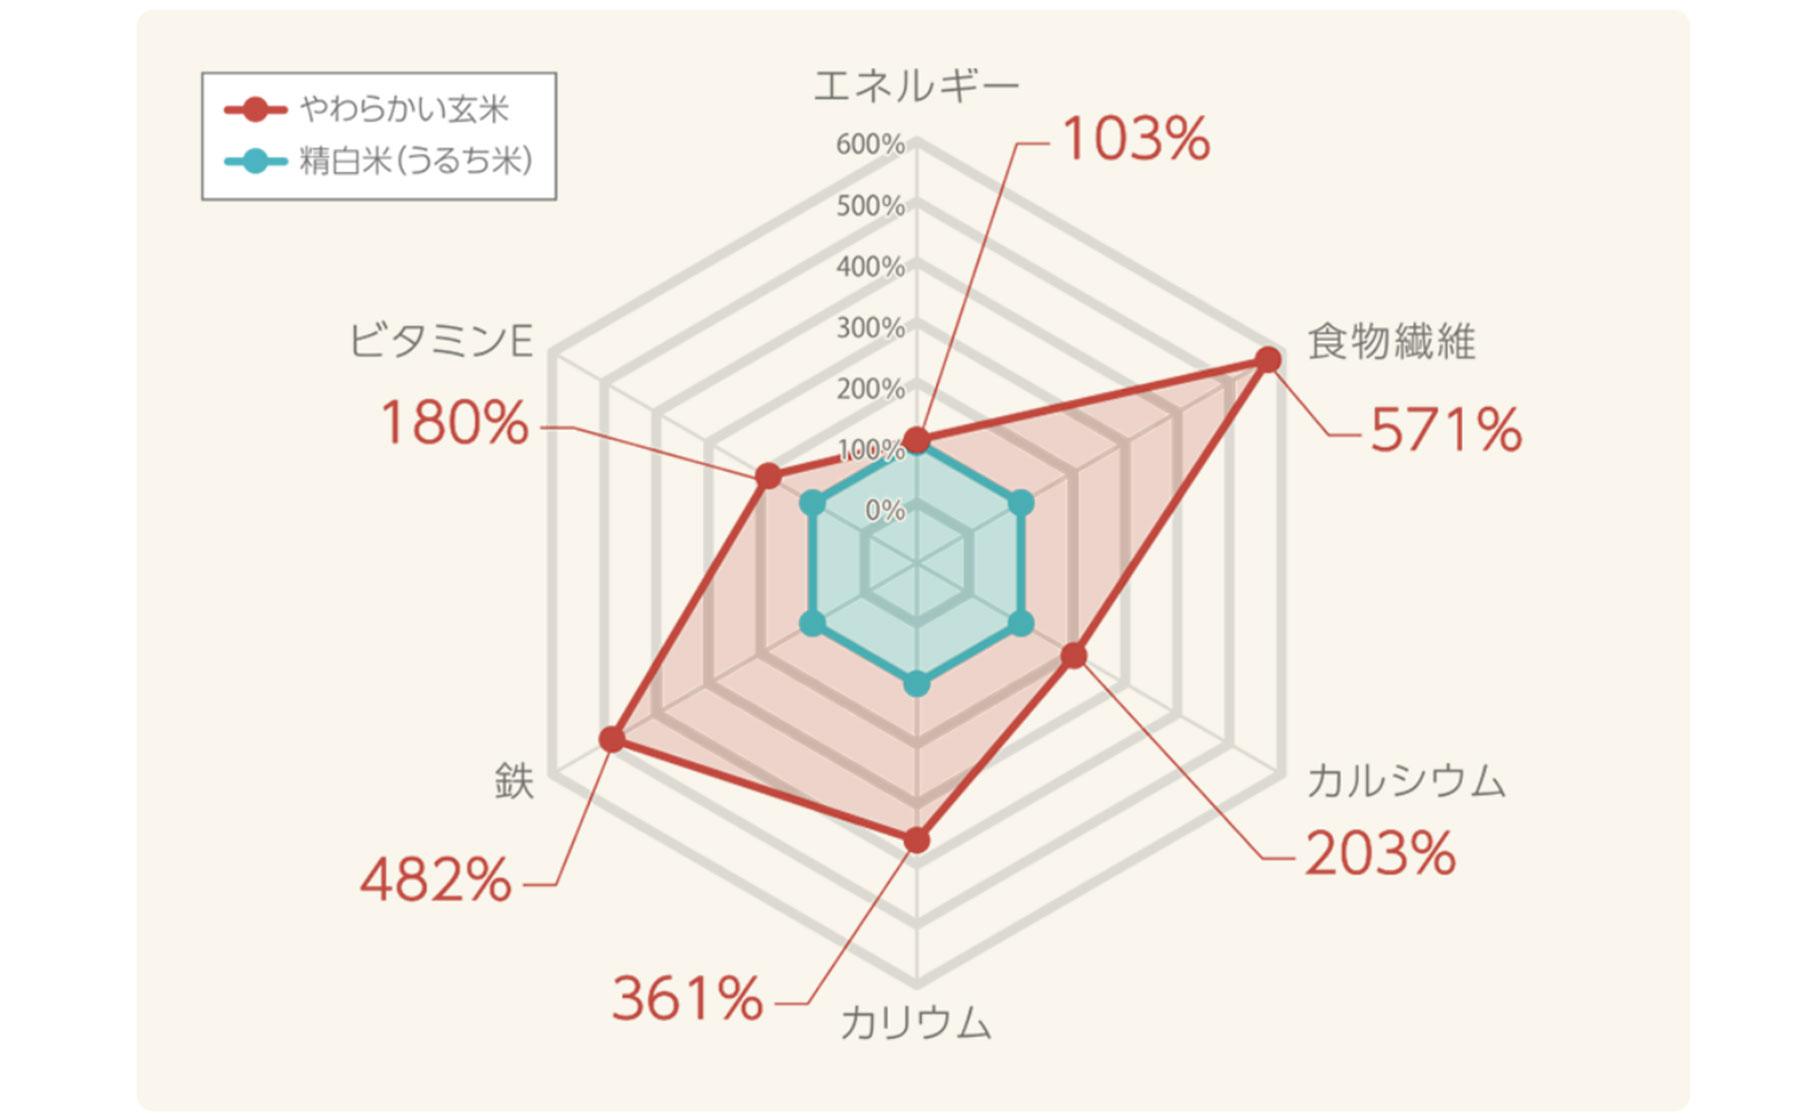 やわらかい玄米 北海道産ゆめぴりか 900g×4袋 安心安全なヤマトライス H074-245